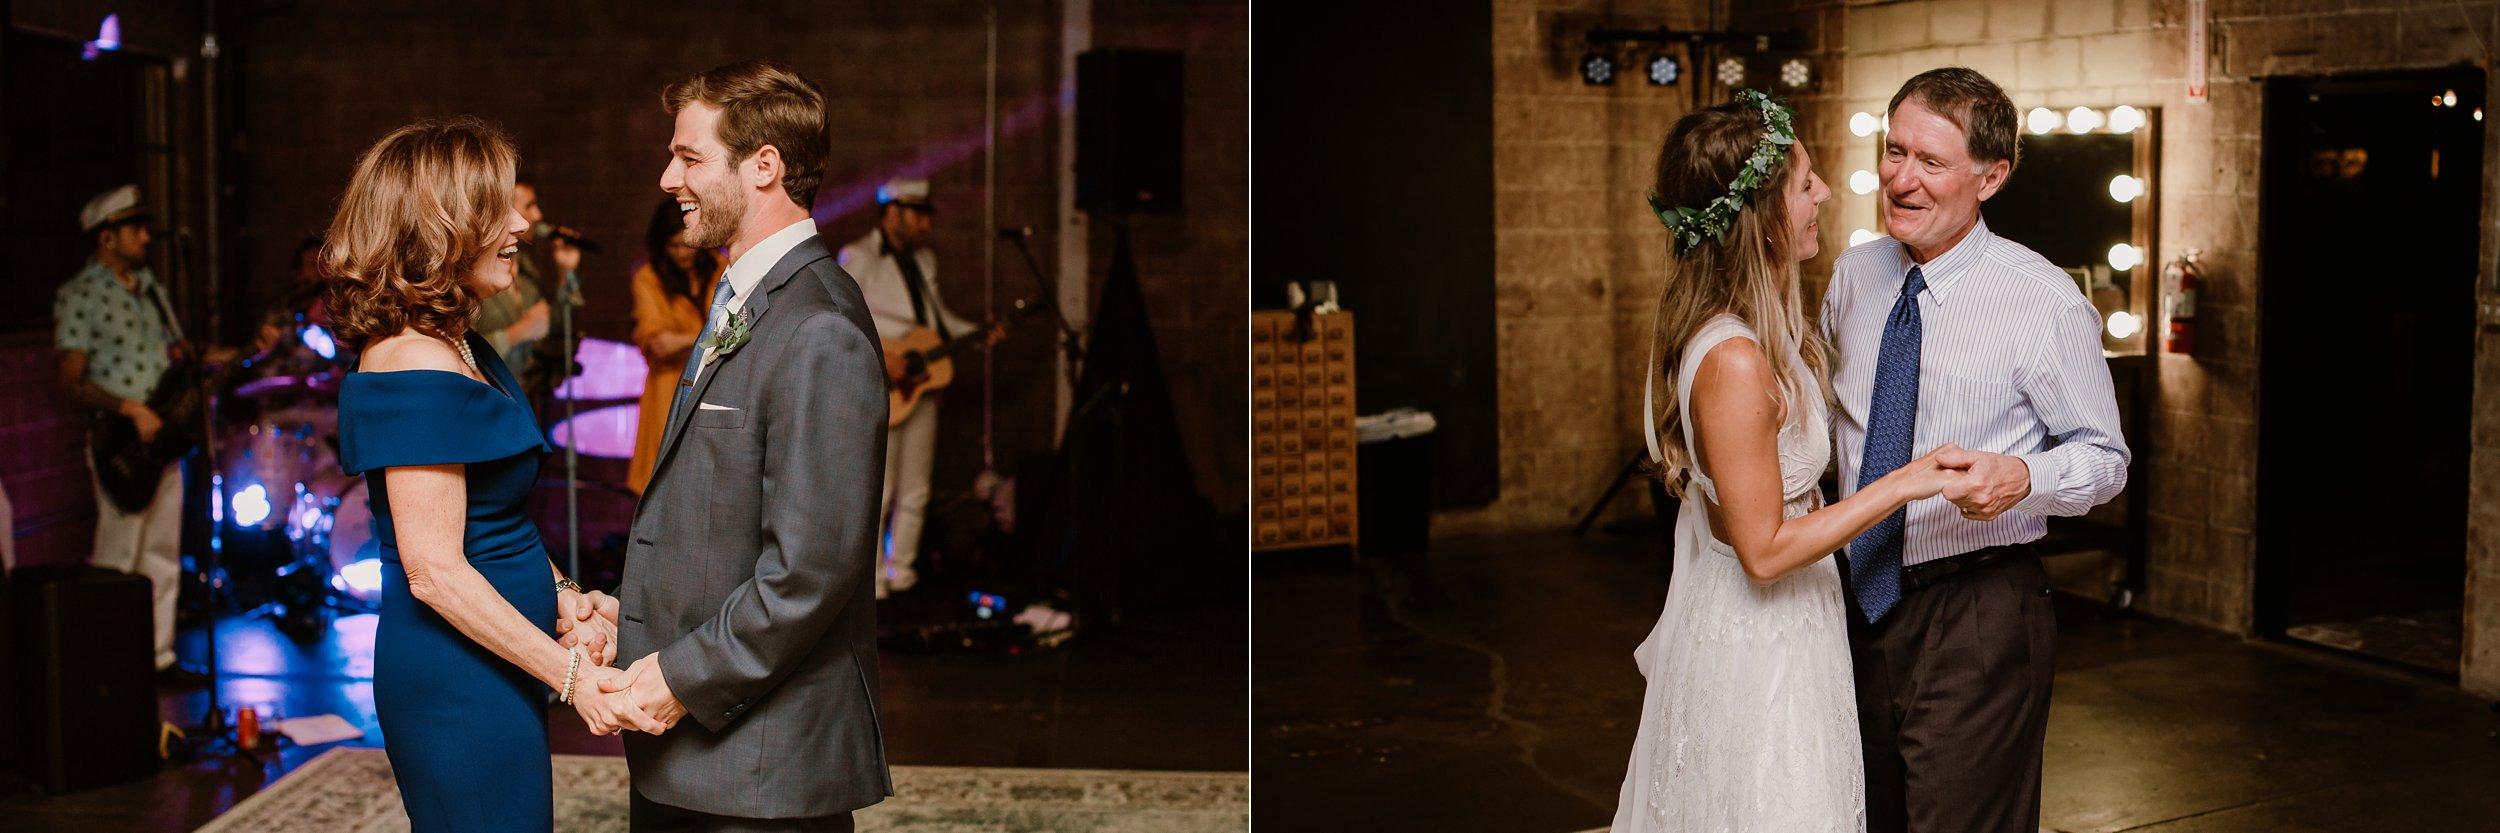 Smoky Hollow Studios El Segundo Wedding_0068.jpg